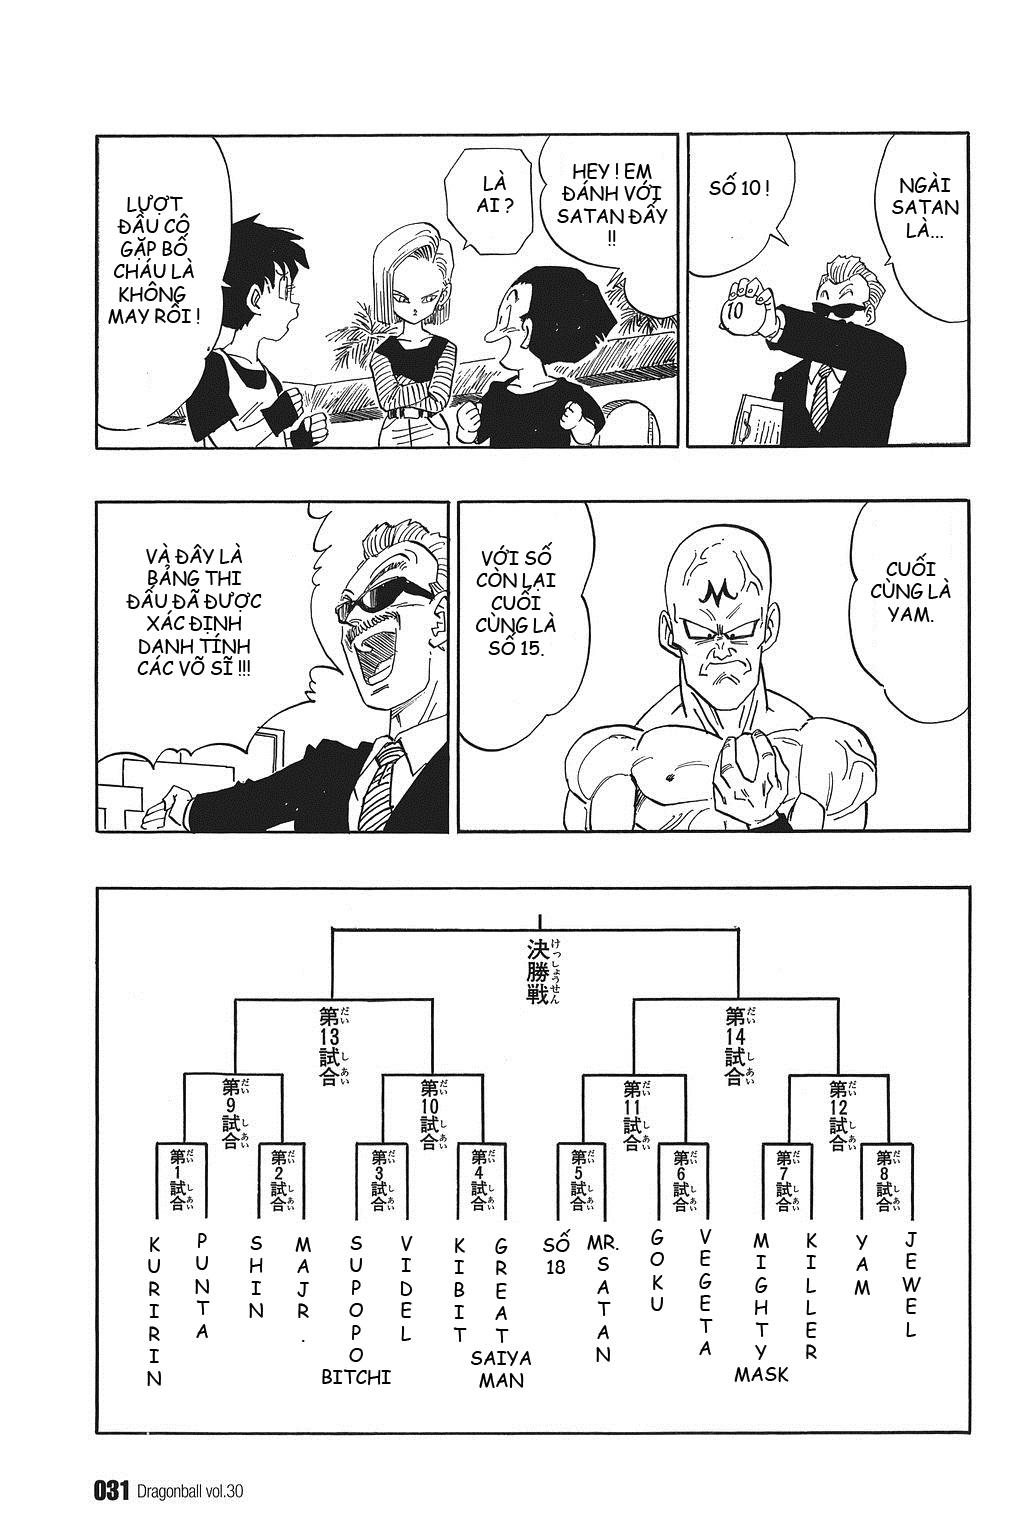 xem truyen moi - Dragon Ball Bản Vip - Bản Đẹp Nguyên Gốc Chap 438